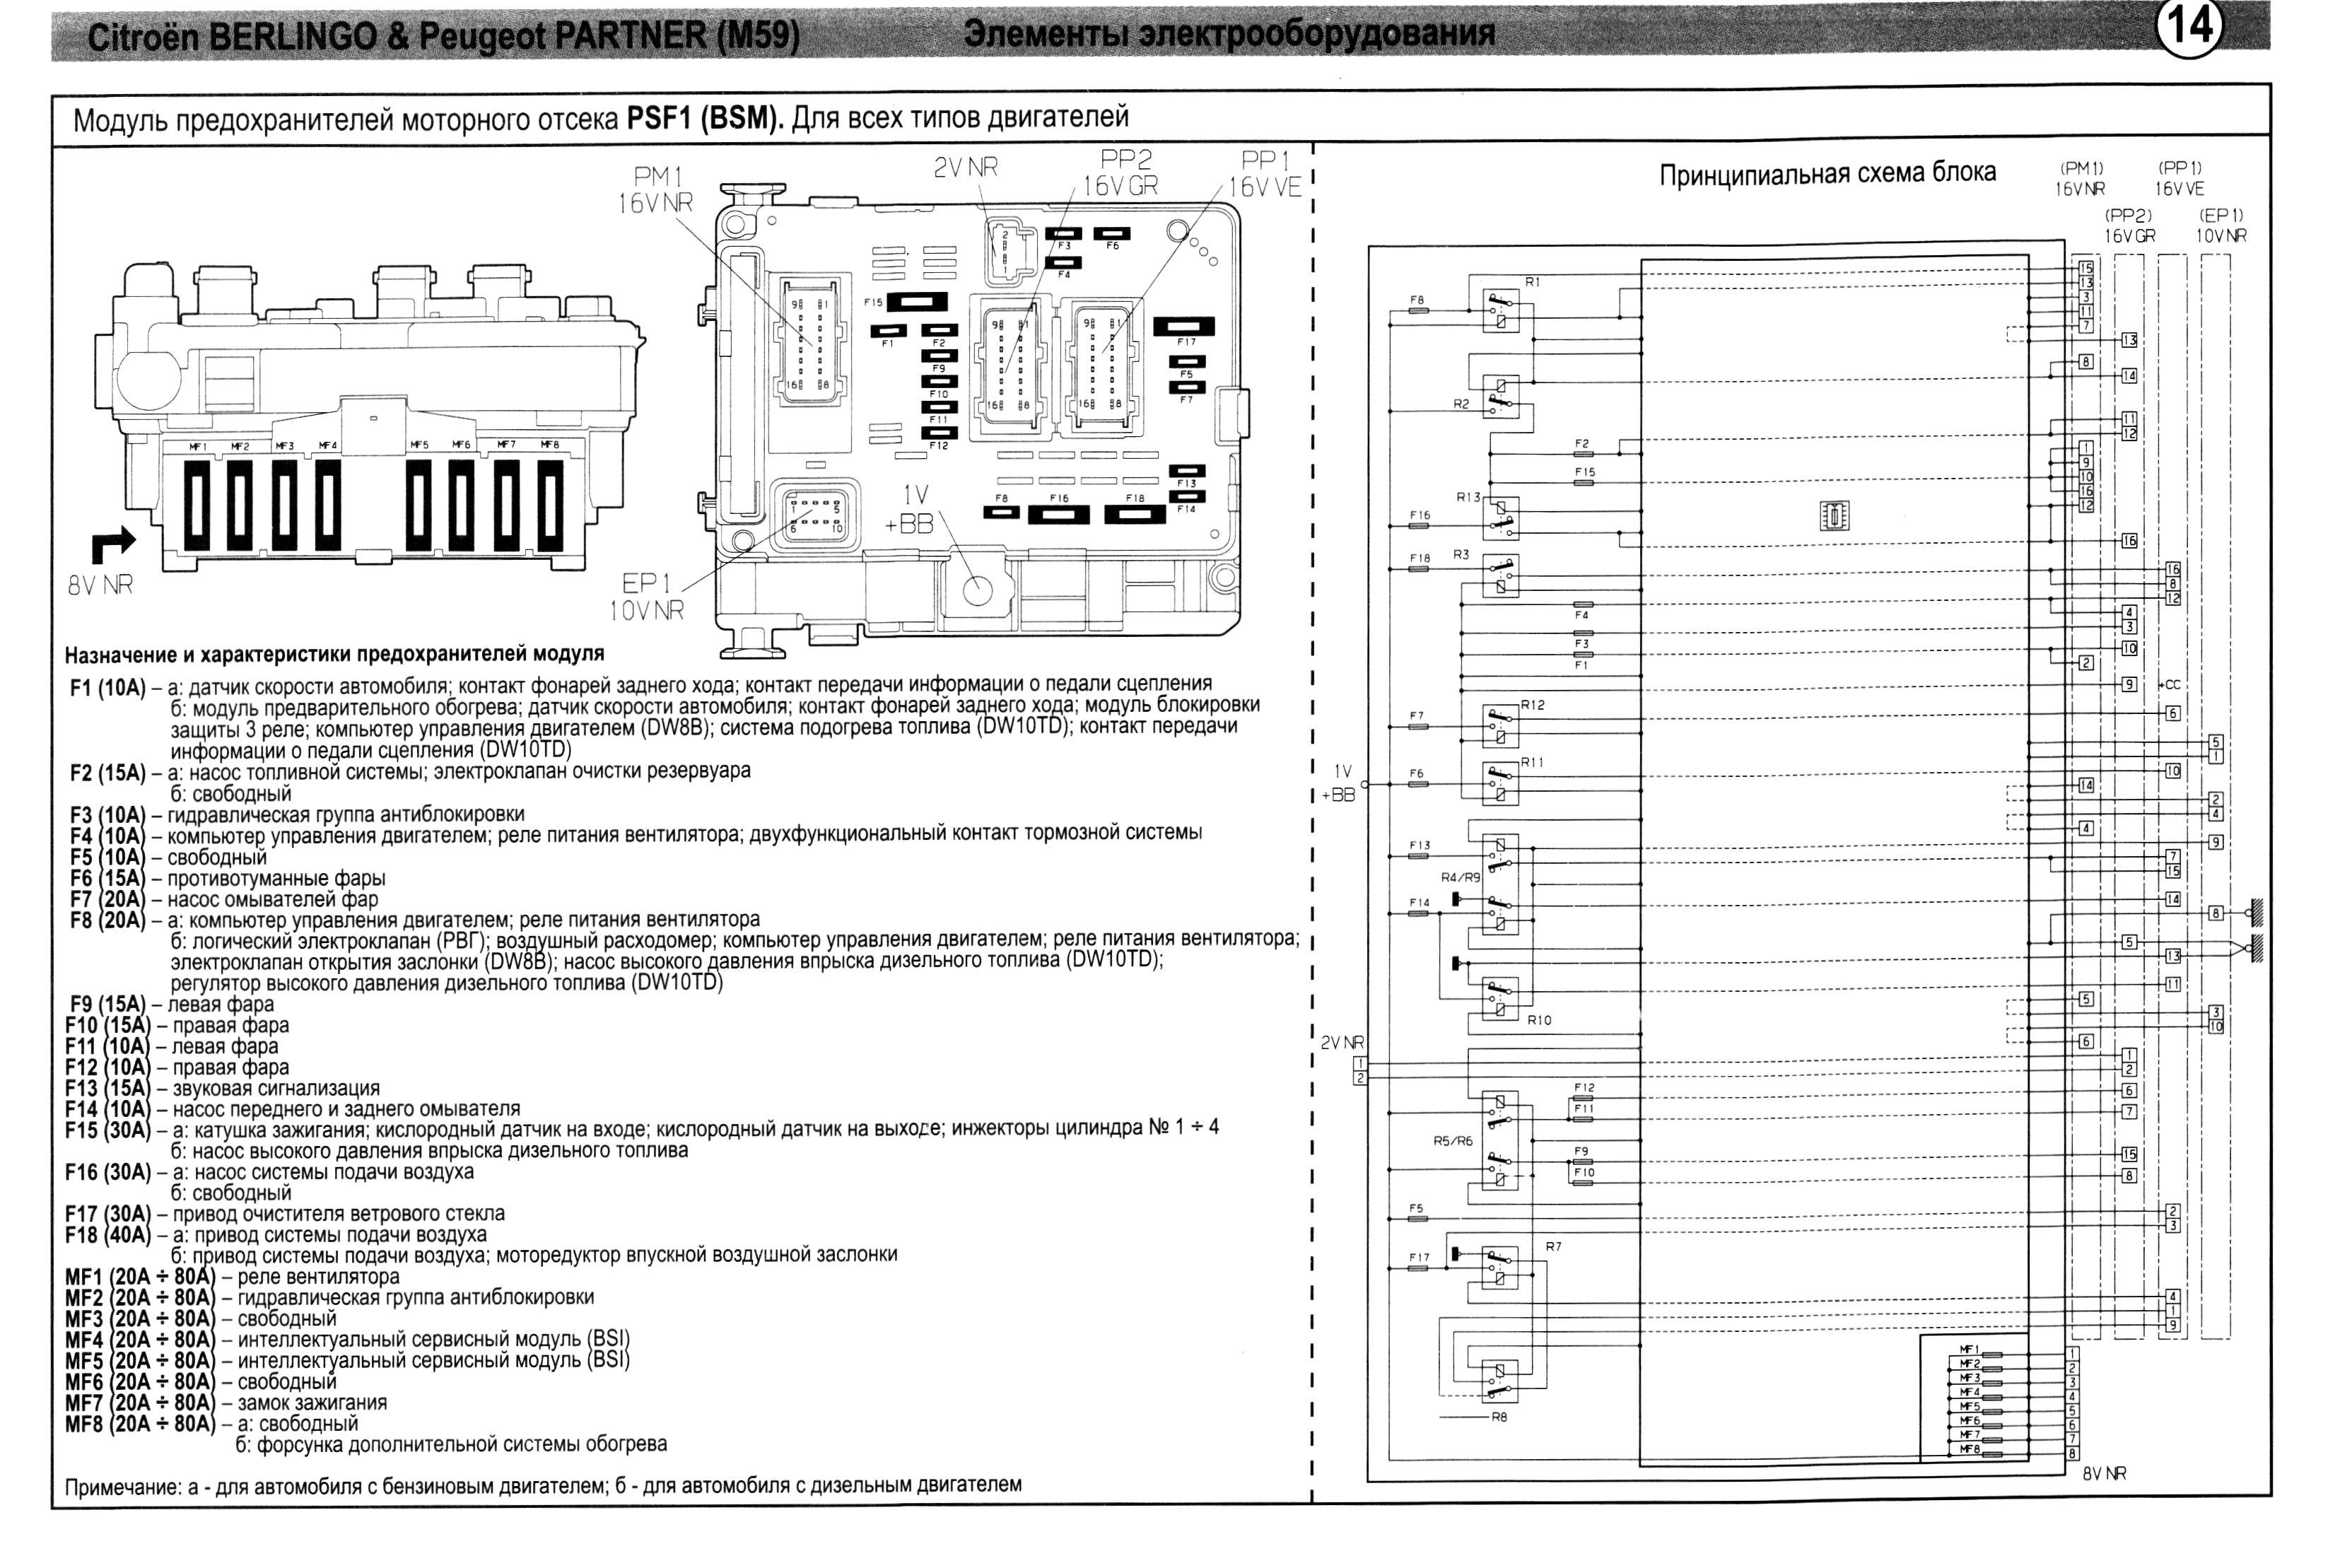 Схема блока предохранителей пежо 207 под капотом